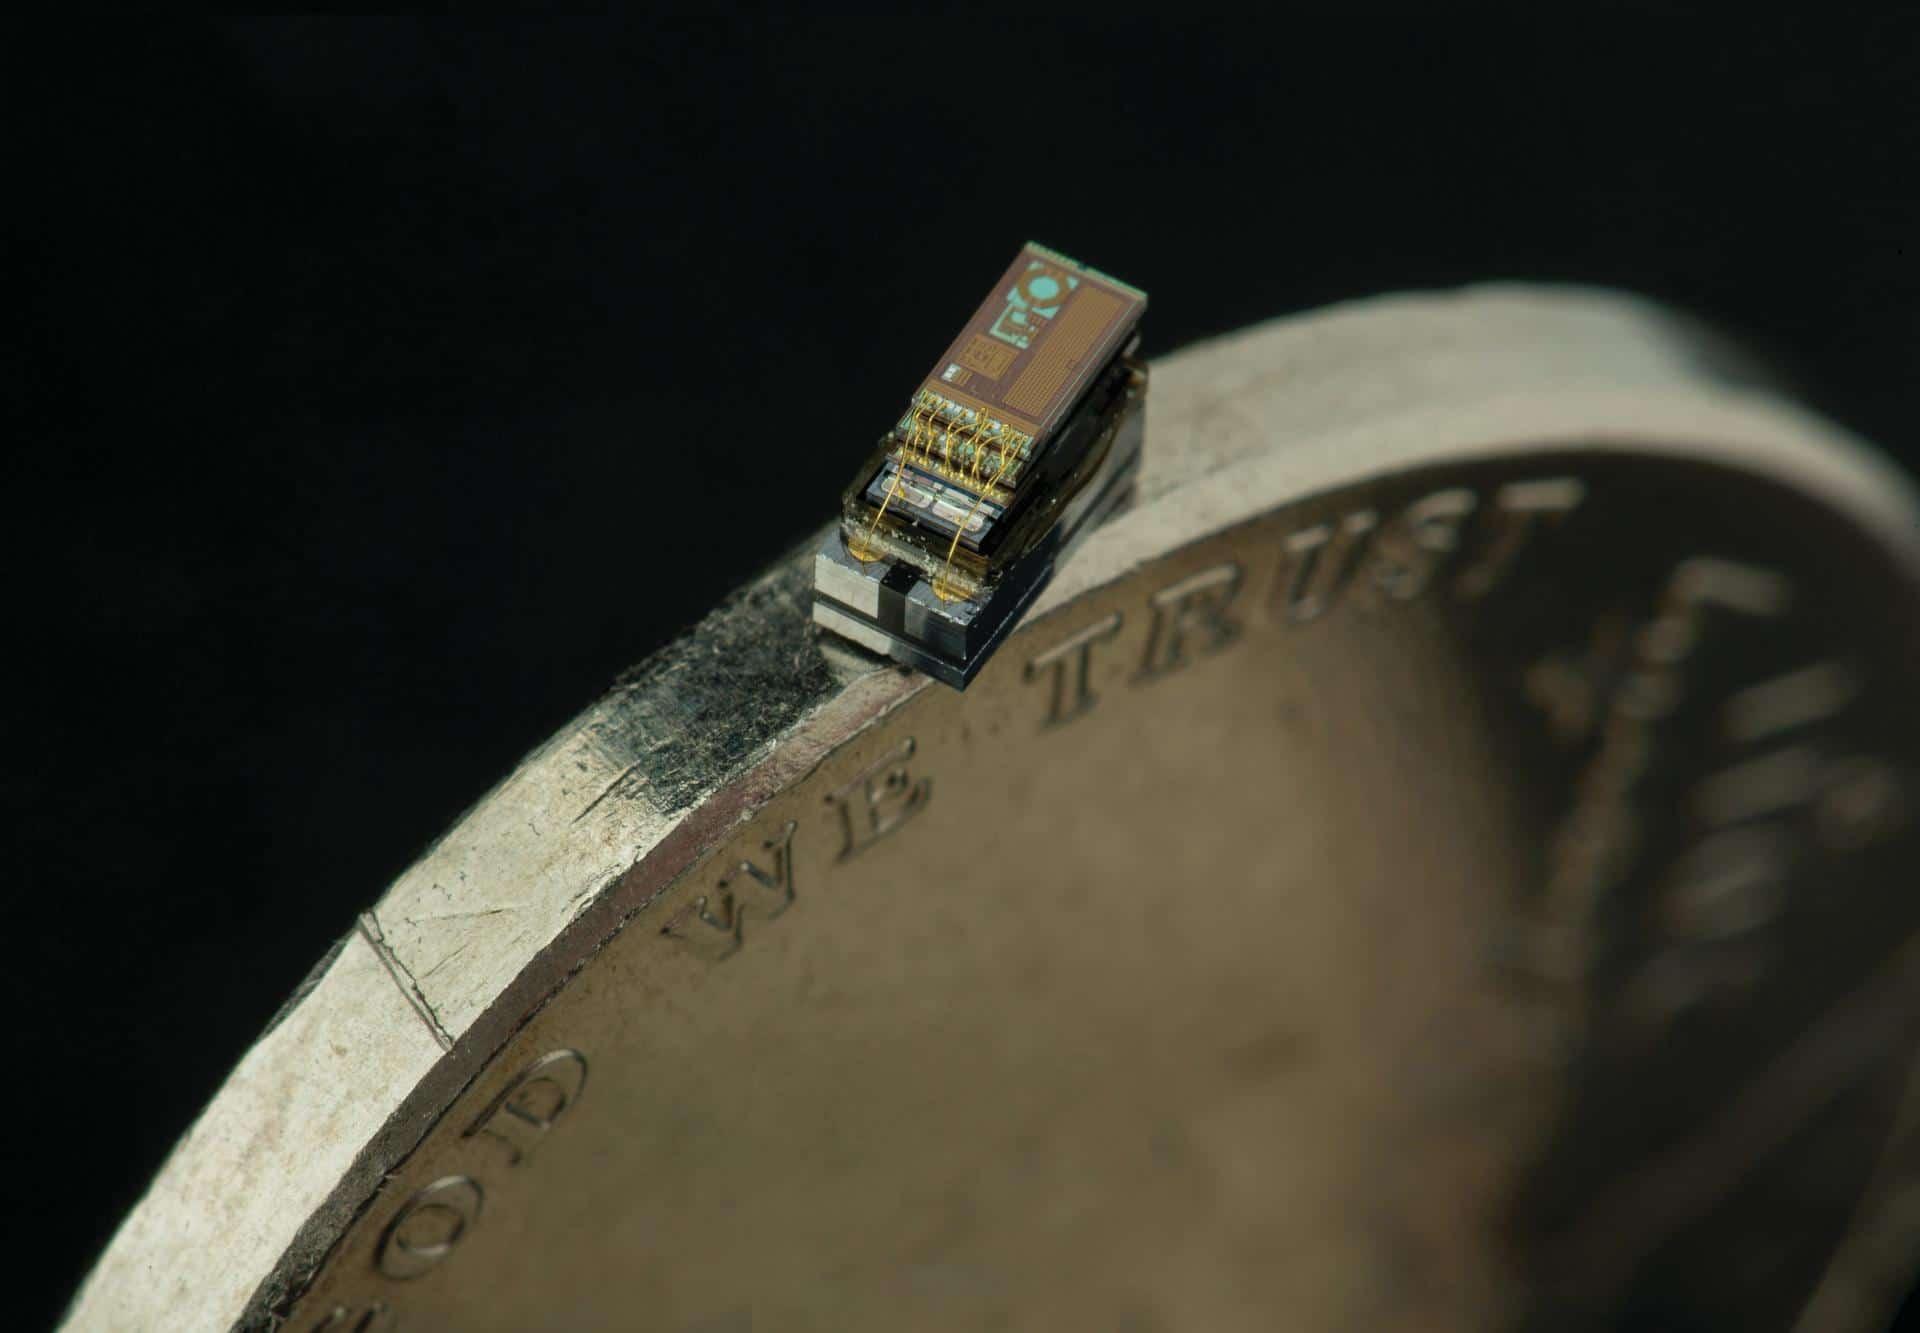 Самый маленький компьютер в мире создан компанией Micro Mote